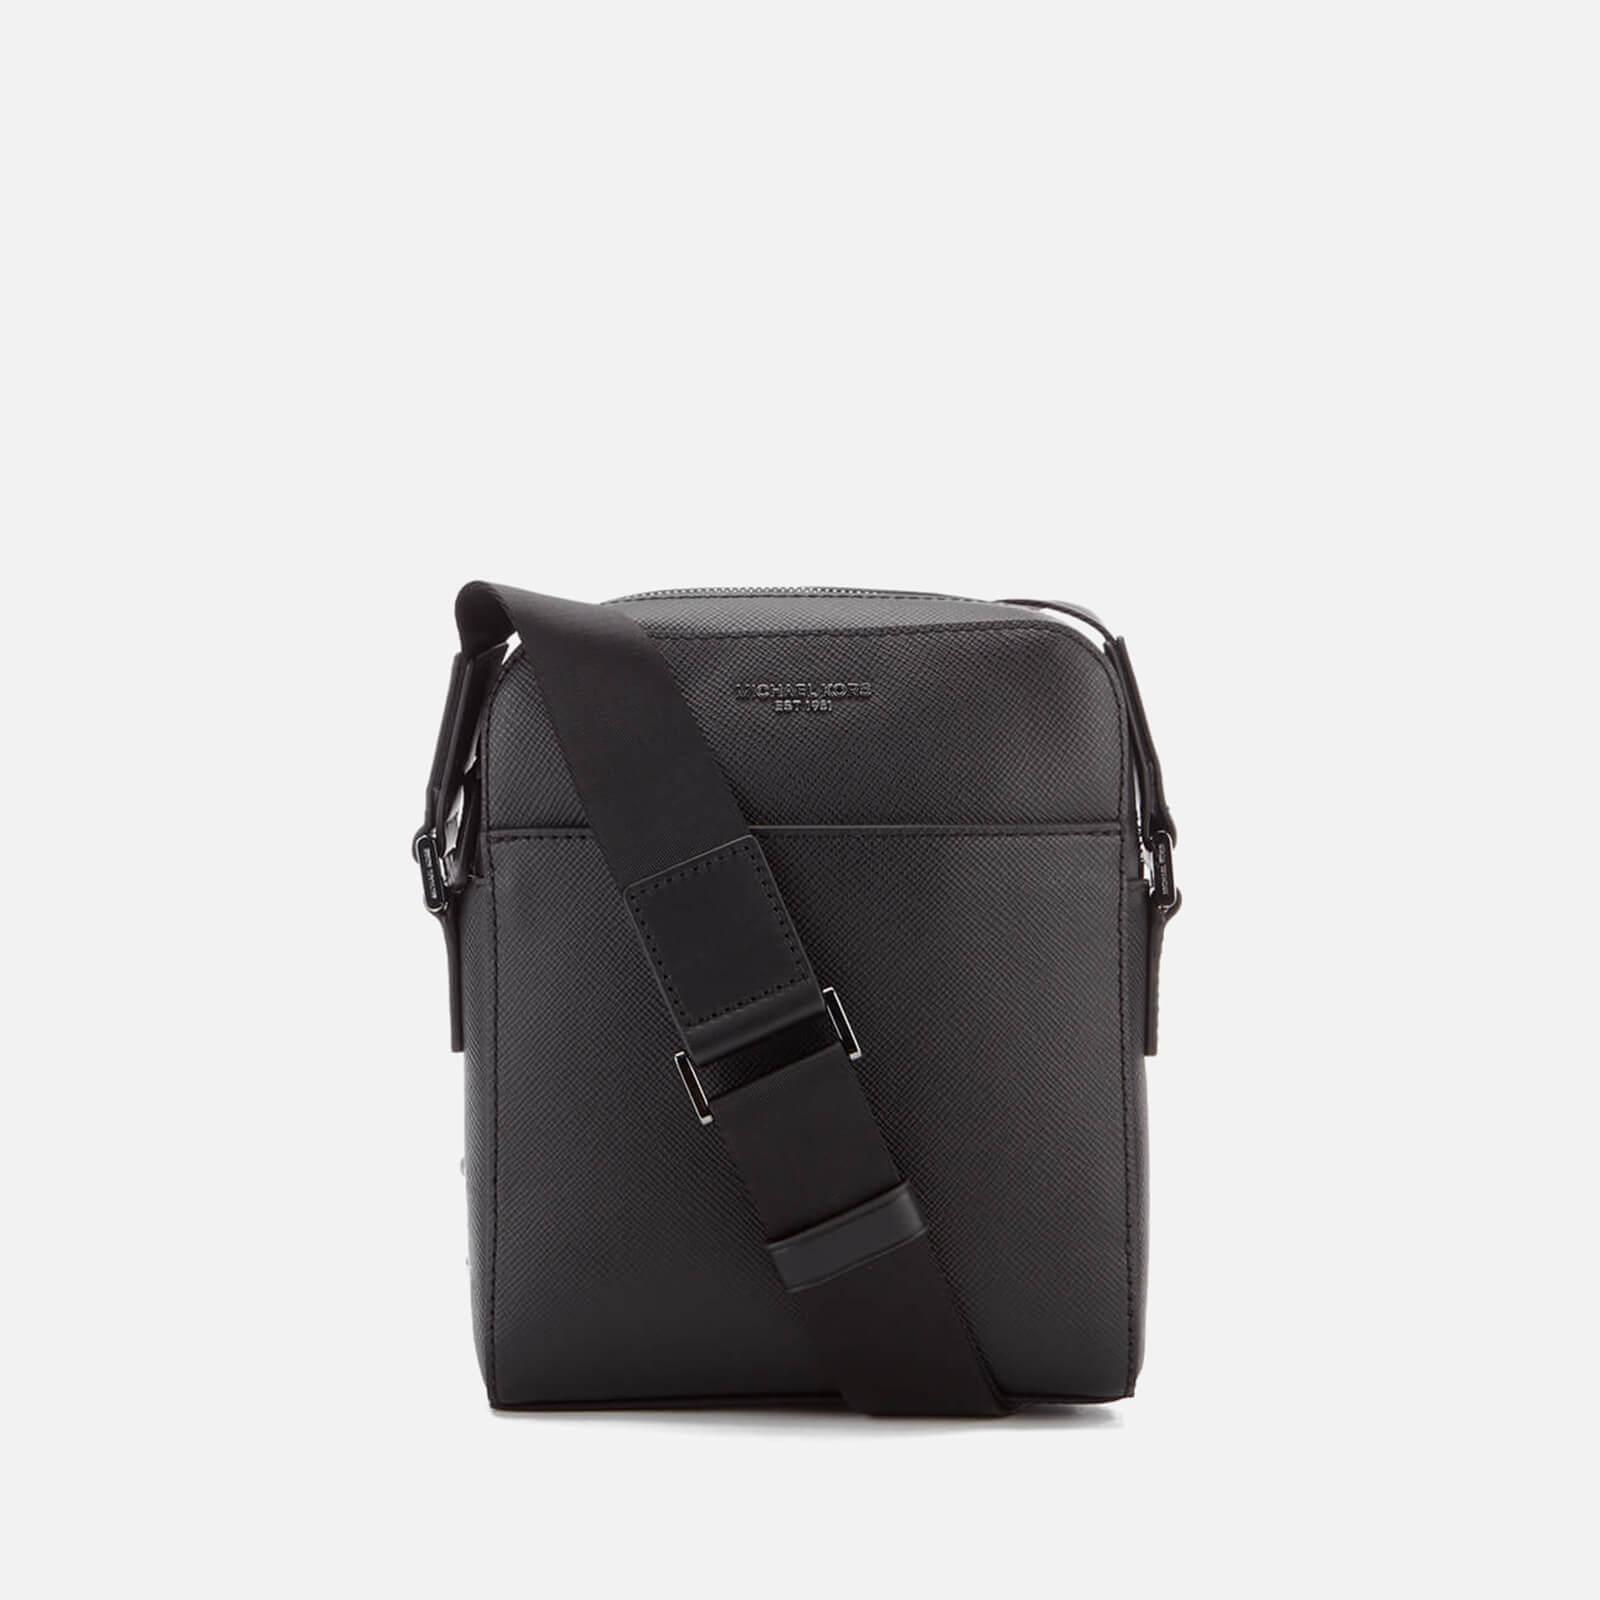 Michael Kors Men's Harrison Flight Bag - Black